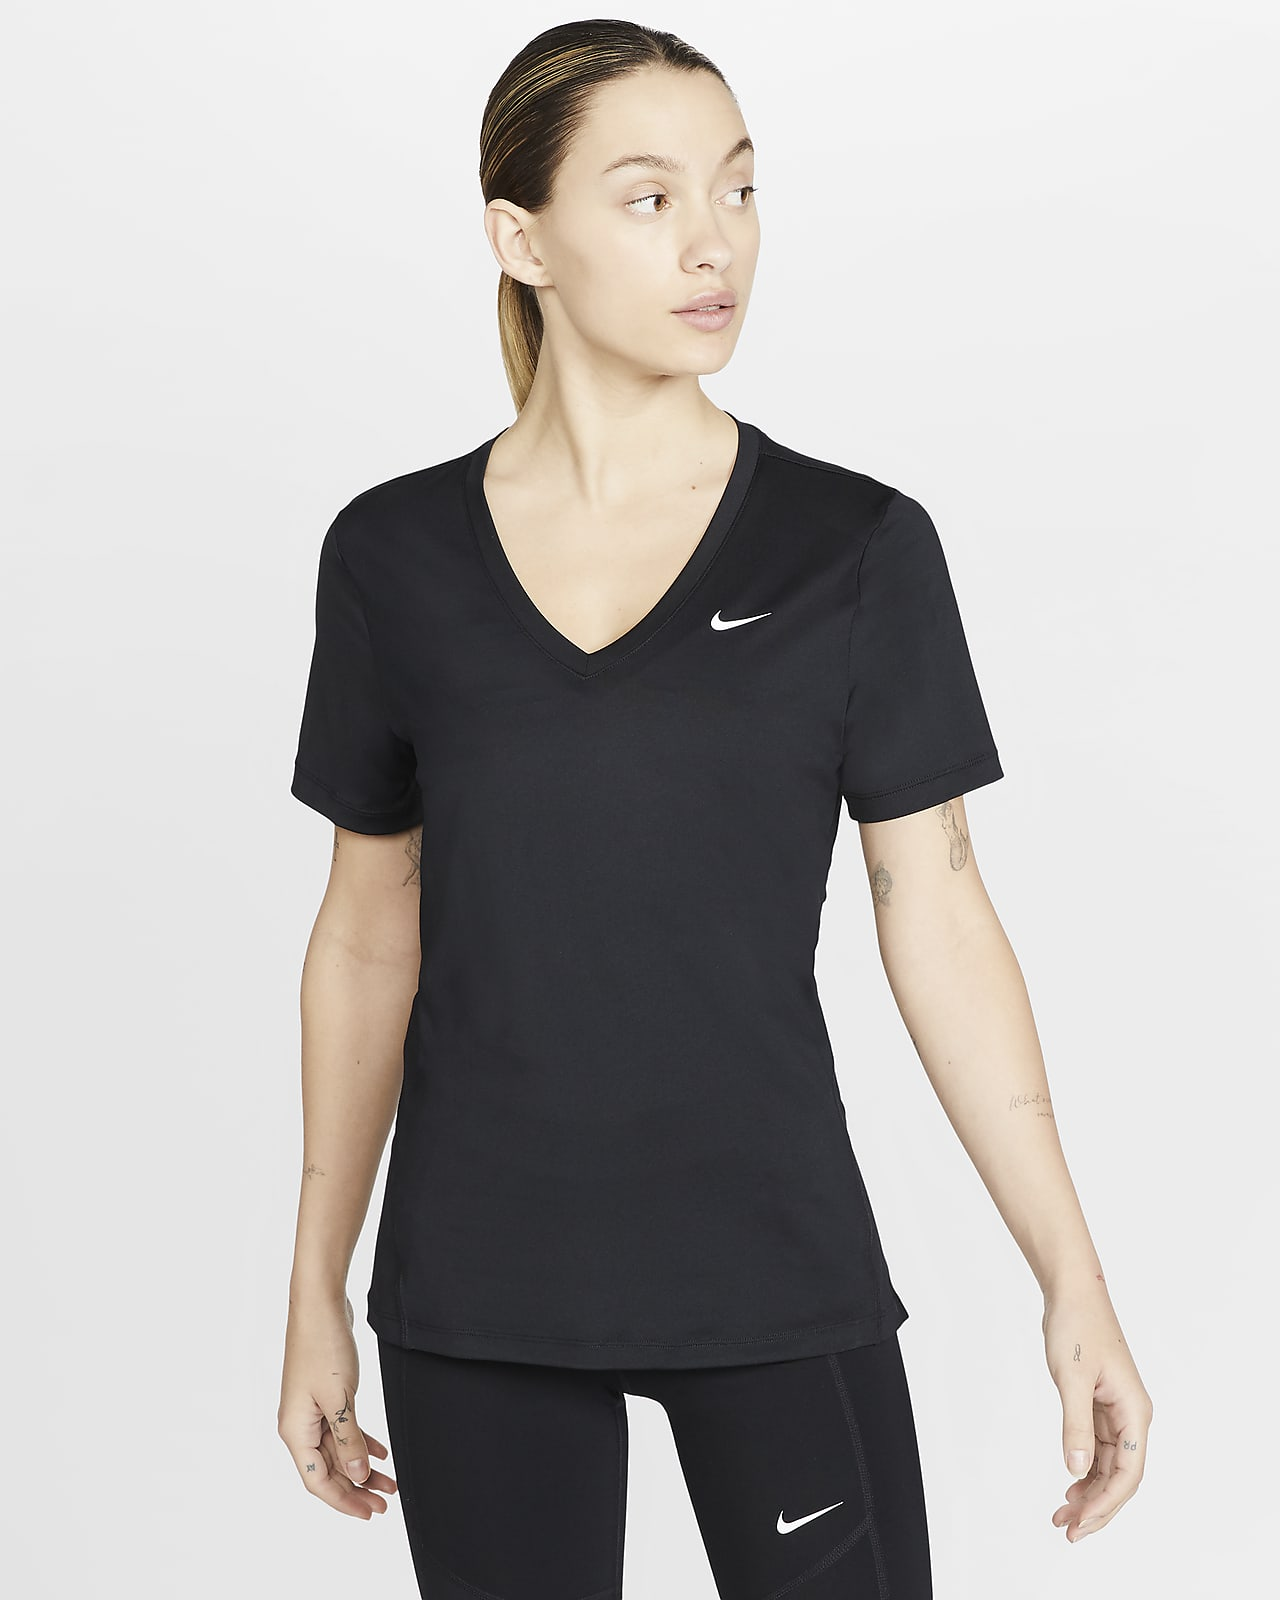 Dámské tréninkové tričko Nike Victory skrátkým rukávem